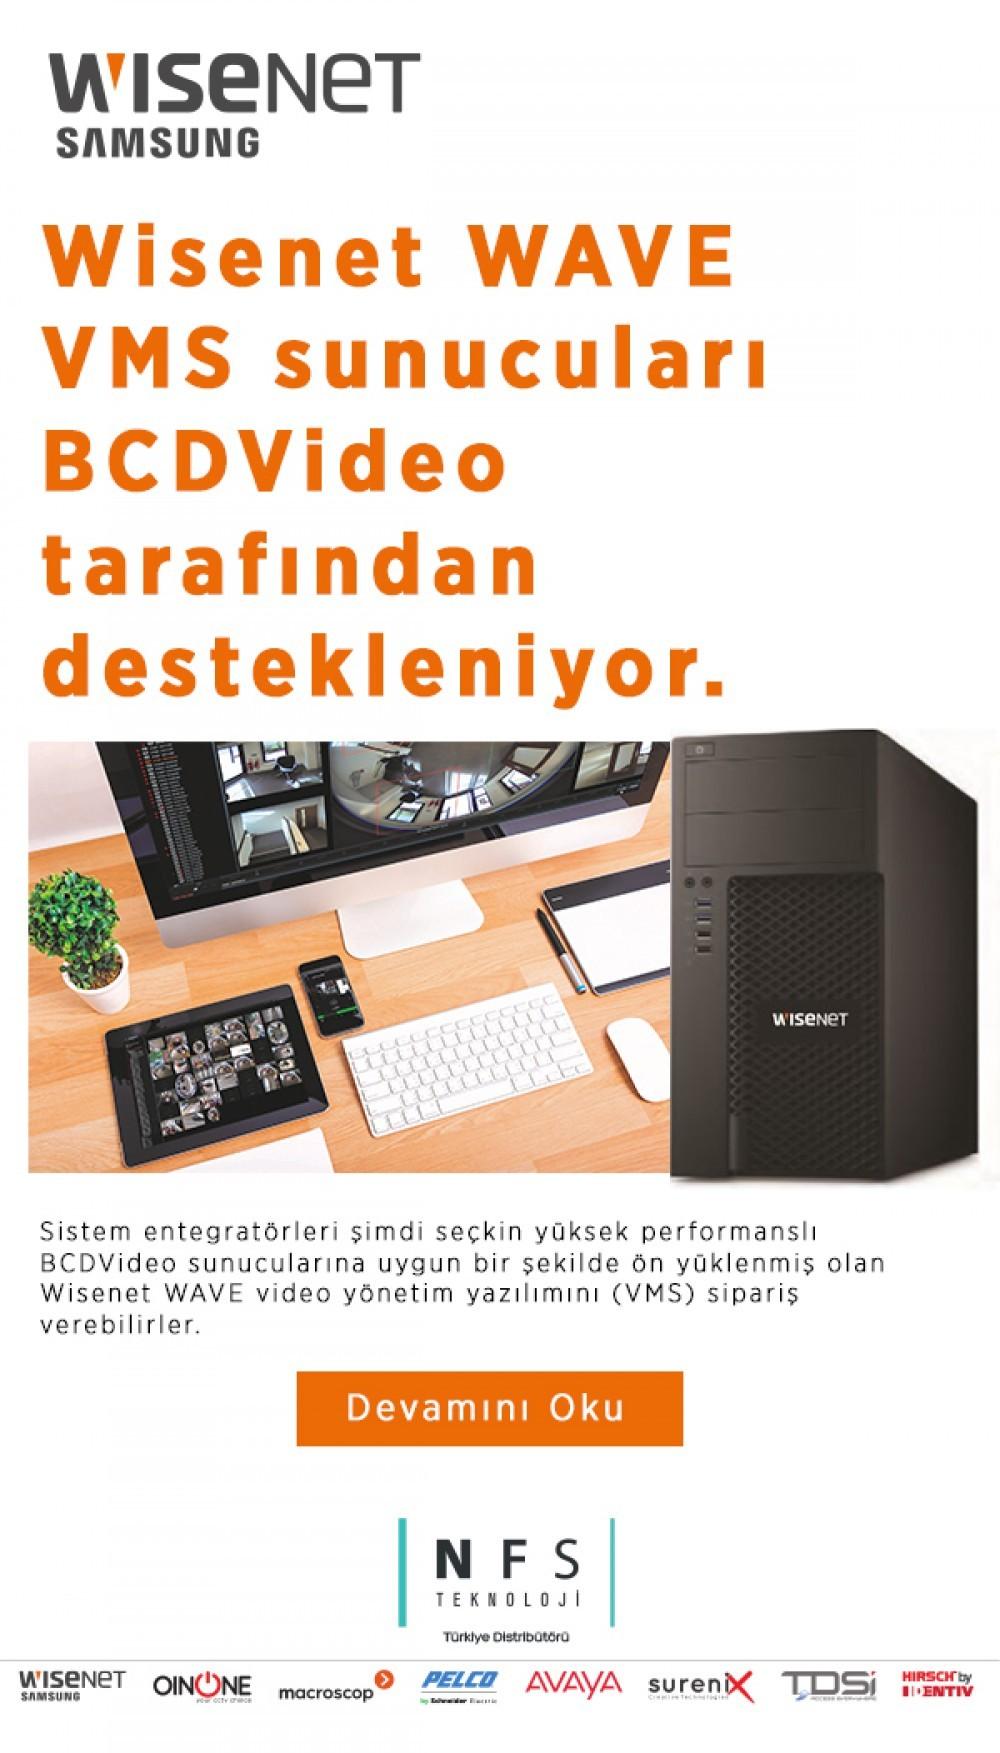 Wisenet WAVE VMS sunucuları BCDVideo  tarafından destekleniyor